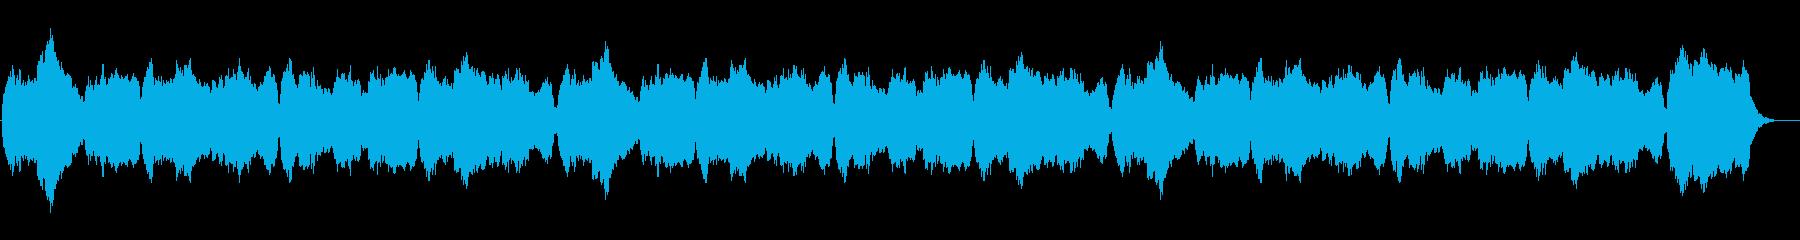 賛美歌「いつくしみ深き」パイプオルガンの再生済みの波形